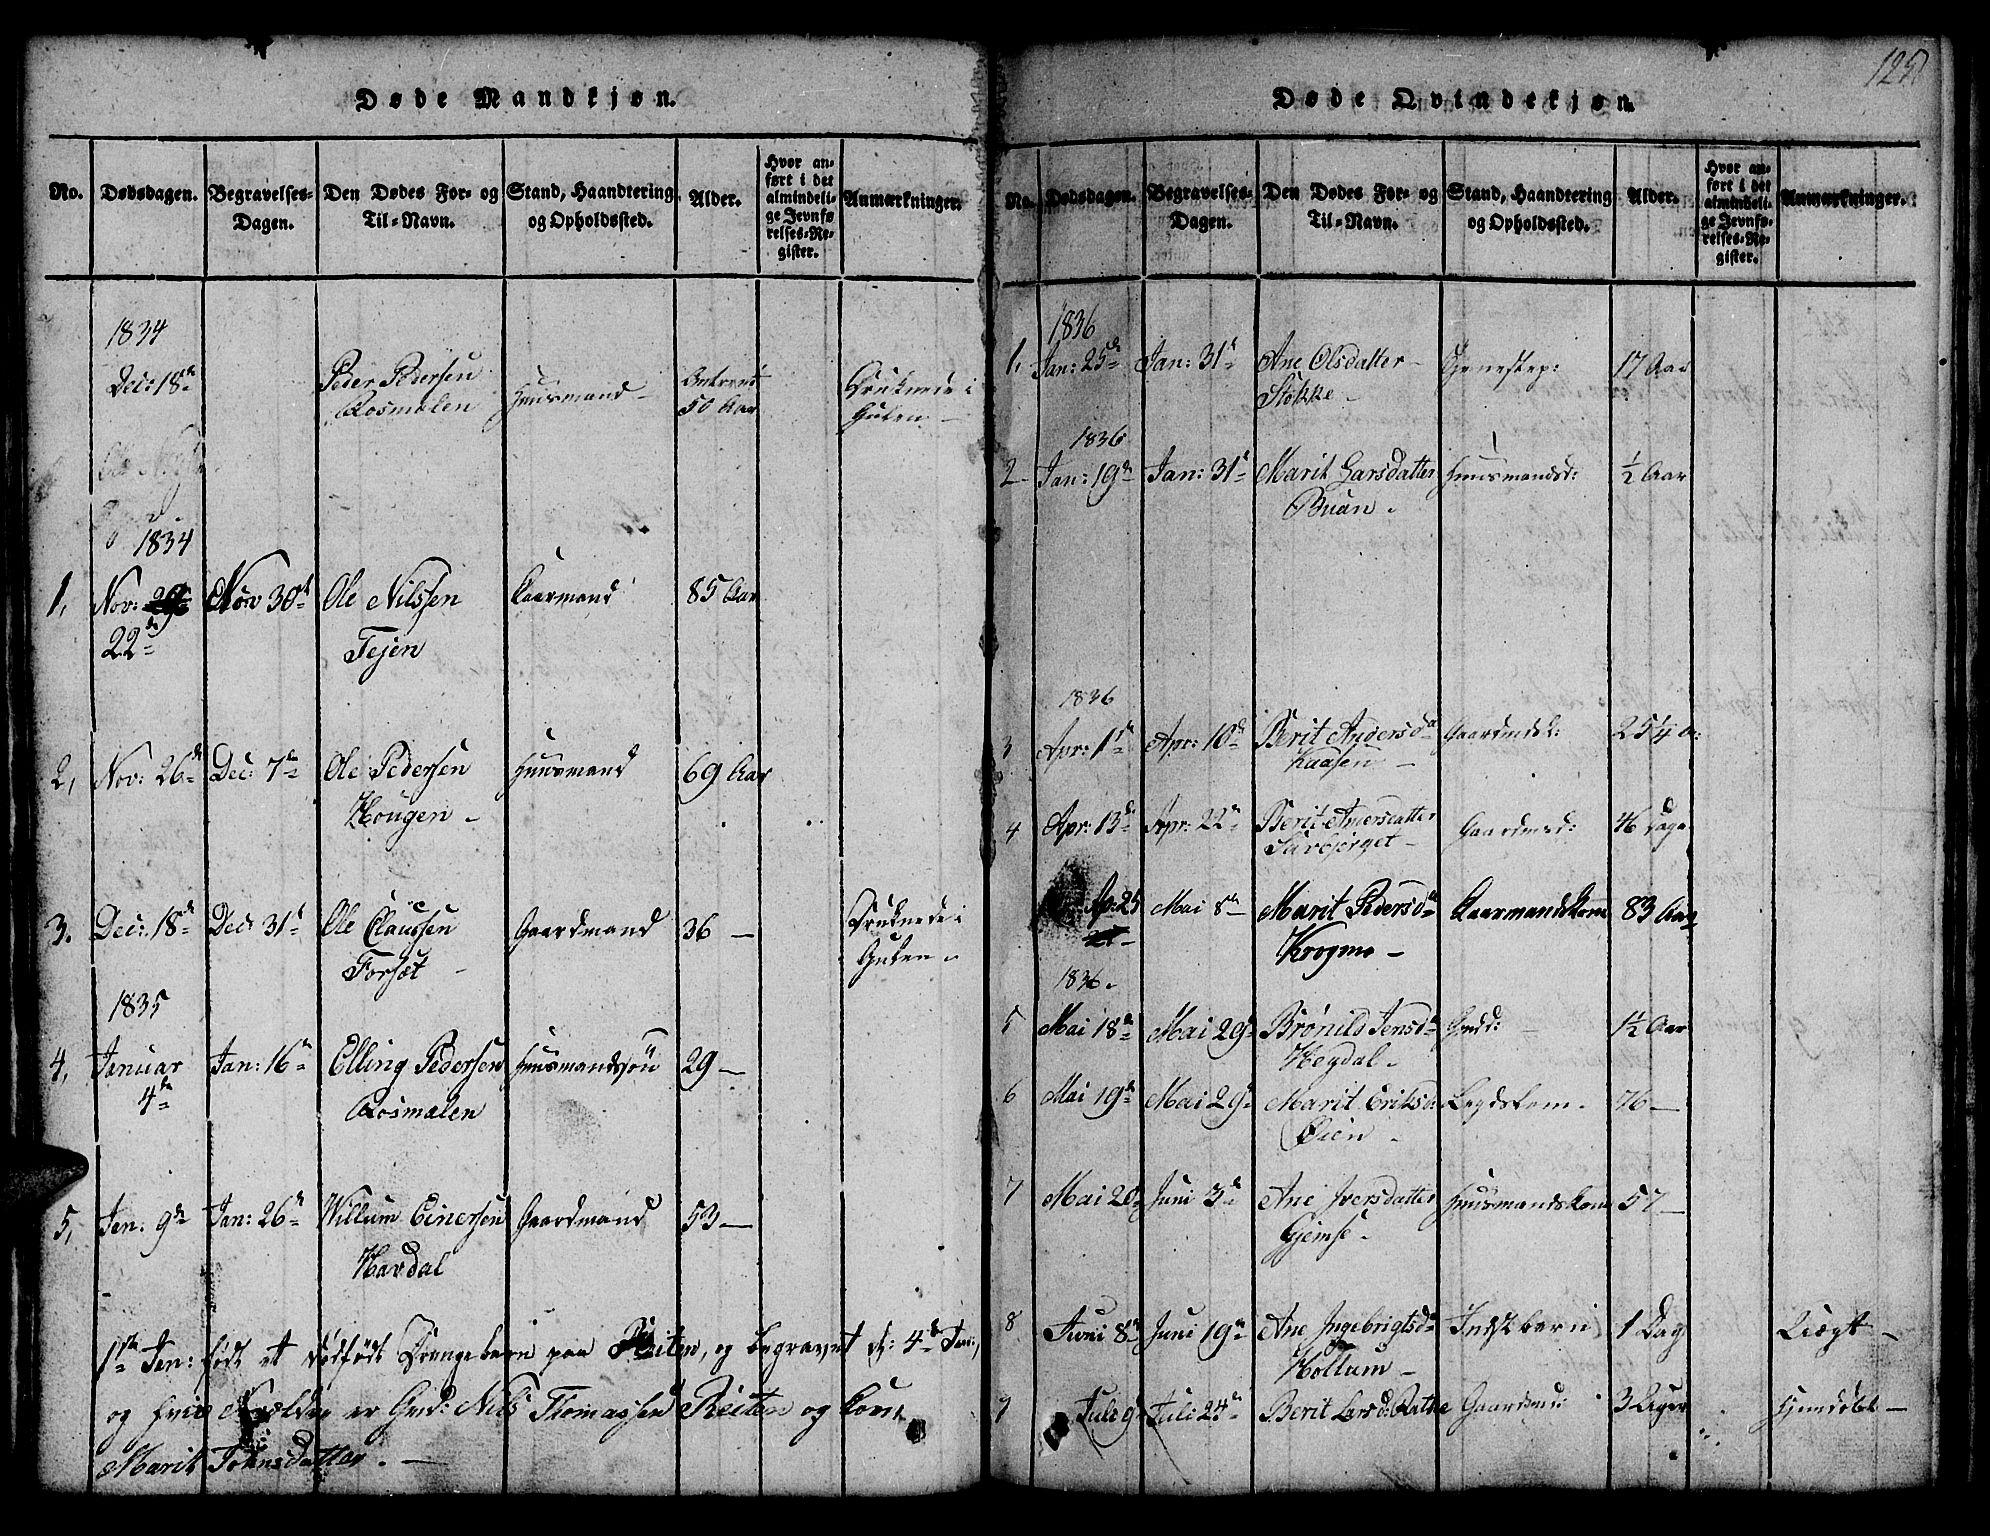 SAT, Ministerialprotokoller, klokkerbøker og fødselsregistre - Sør-Trøndelag, 691/L1092: Klokkerbok nr. 691C03, 1816-1852, s. 125